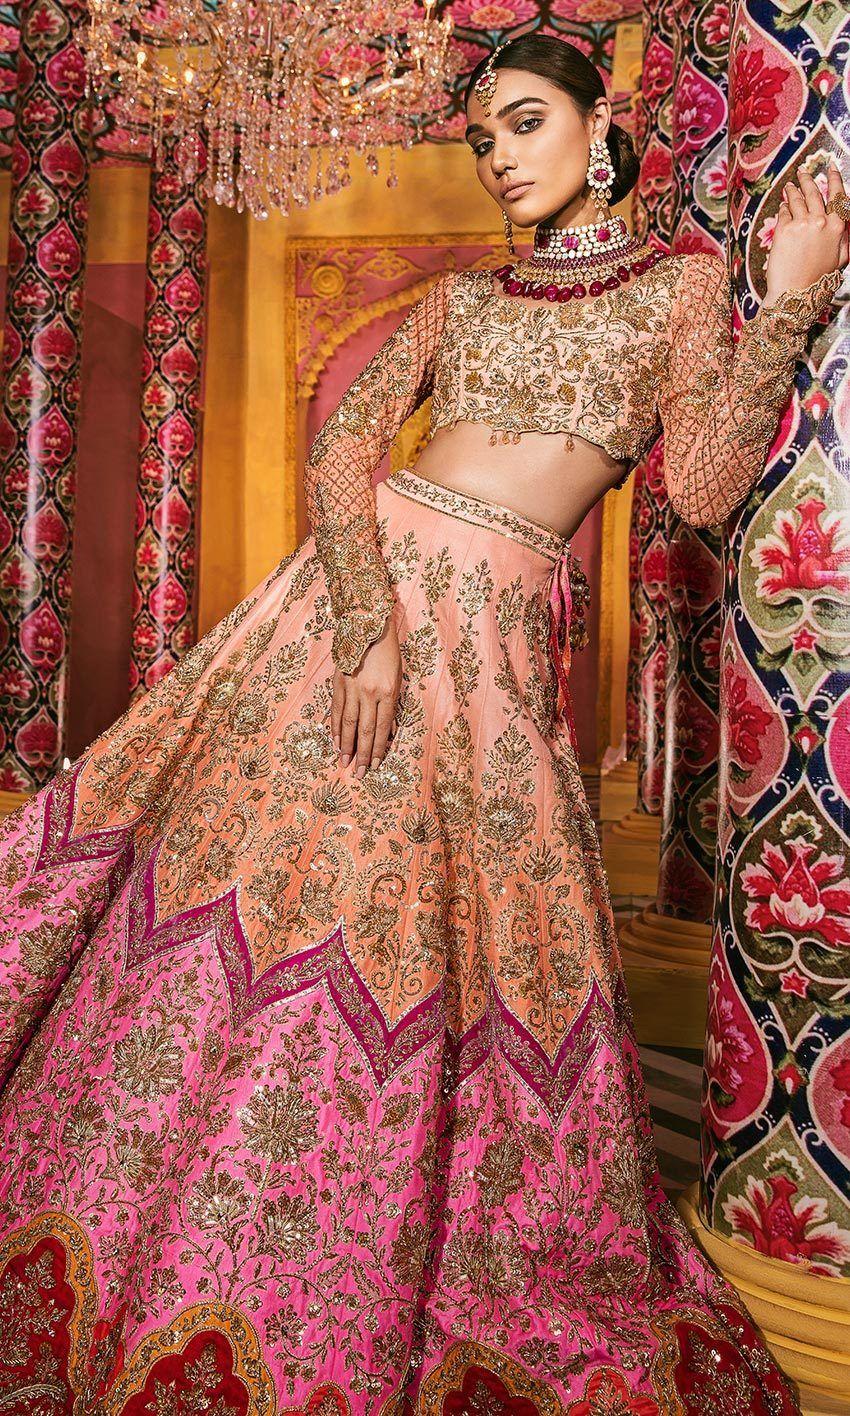 Indian Ethnic Embellished Brocade Orange Peach Lehenga for Wedding Bridesmaid Dress